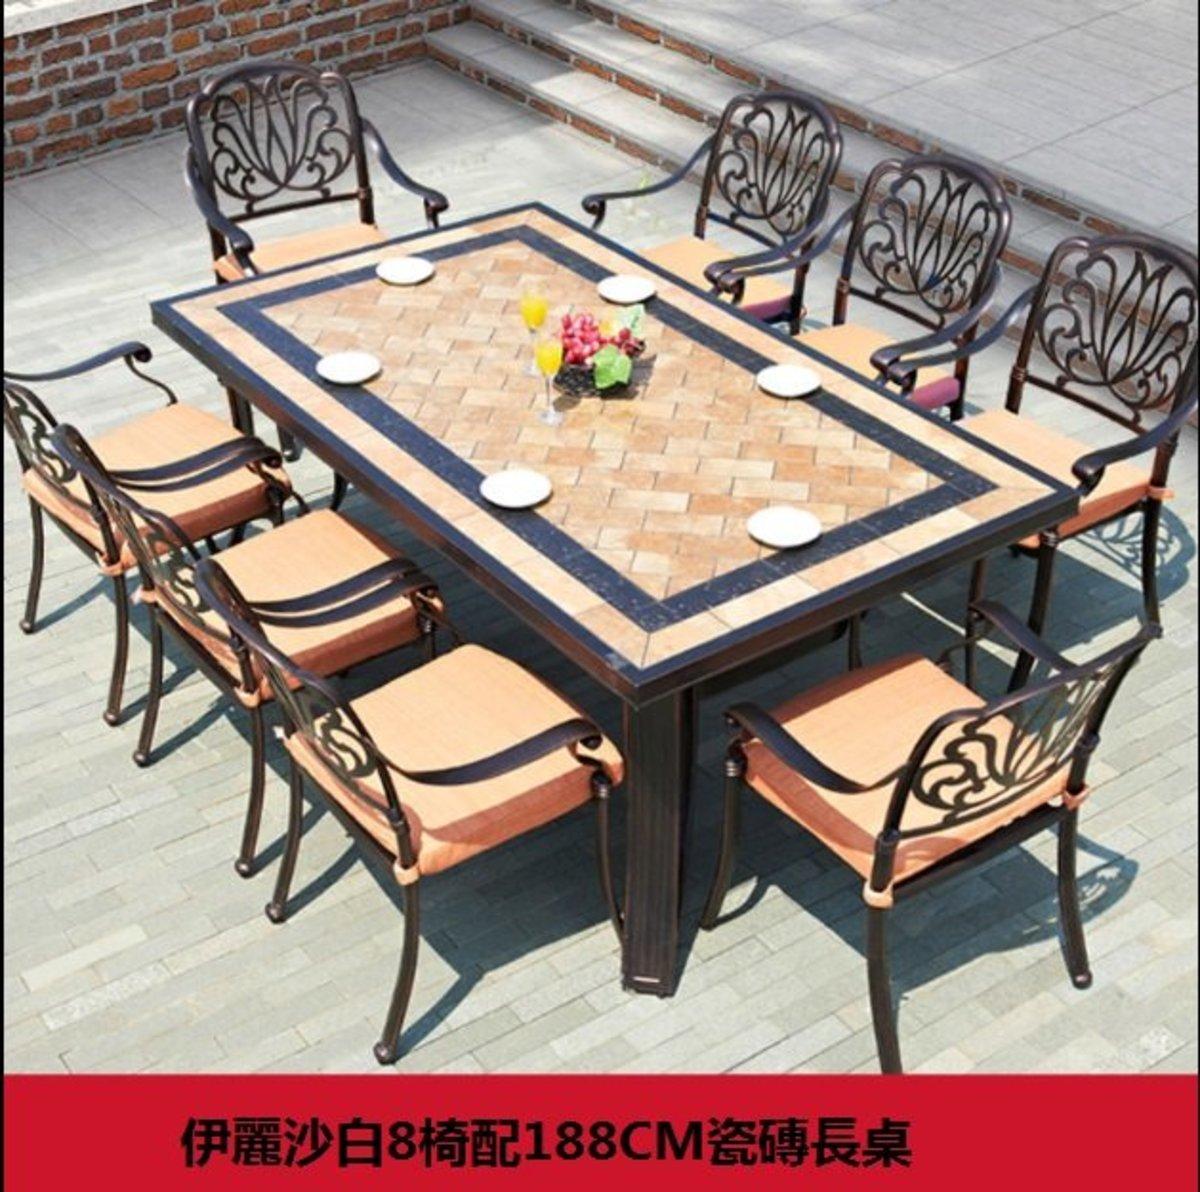 歐式鐵藝防水防曬桌椅(伊麗沙白8椅配188CM瓷磚長桌)